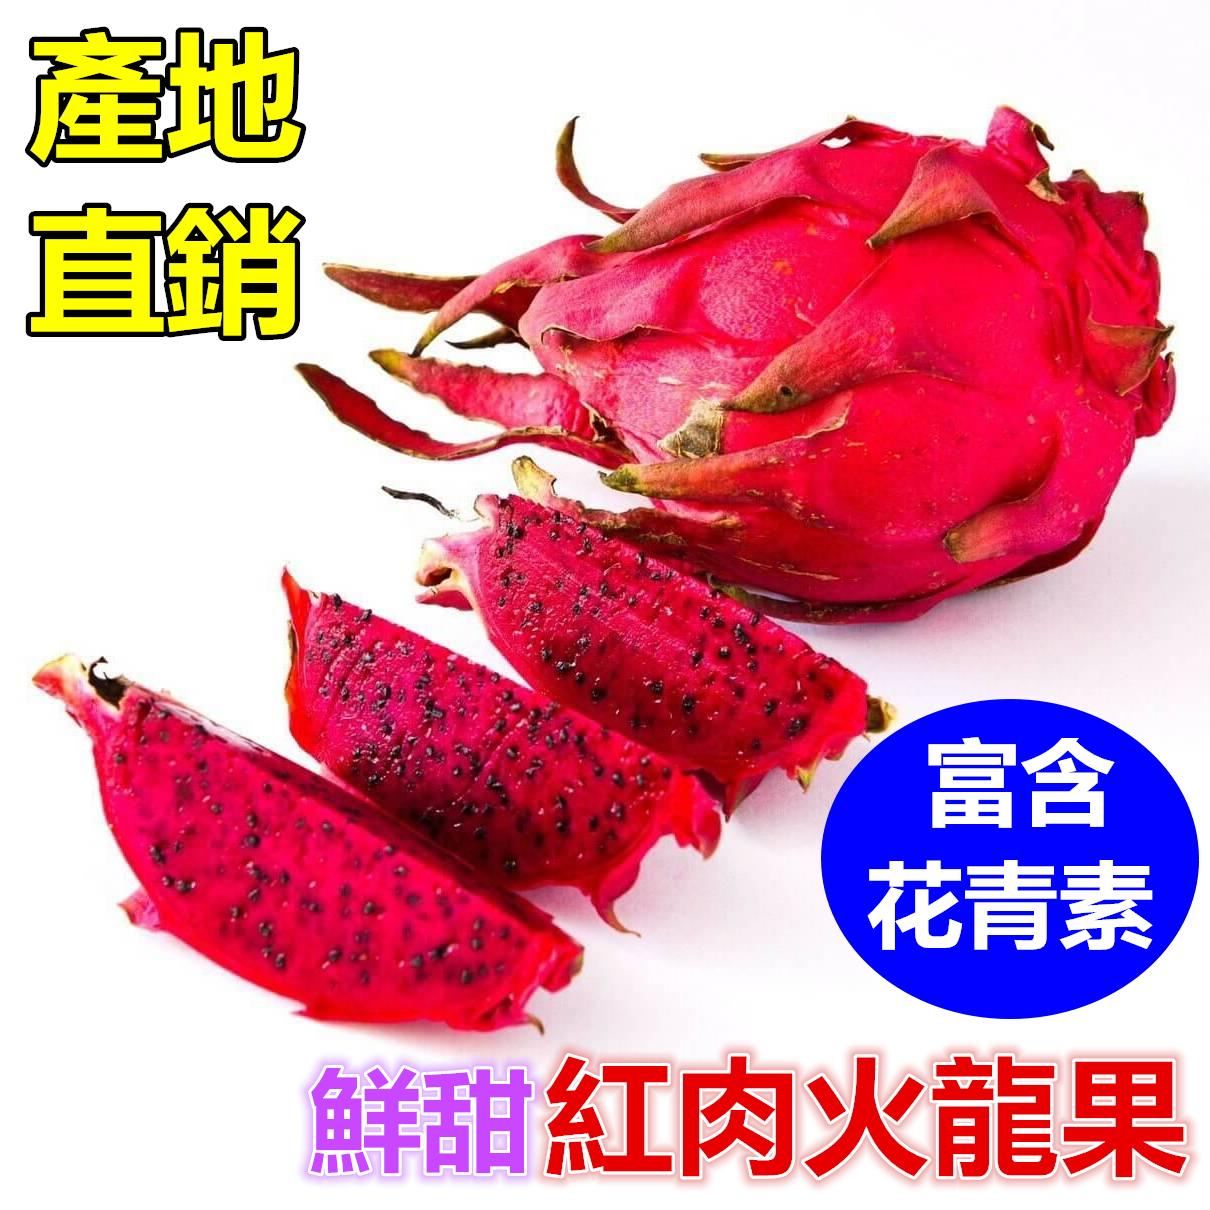 紅肉火龍果-鮮甜富含花青素抗老護目無農藥檢出【屏東產地直銷】